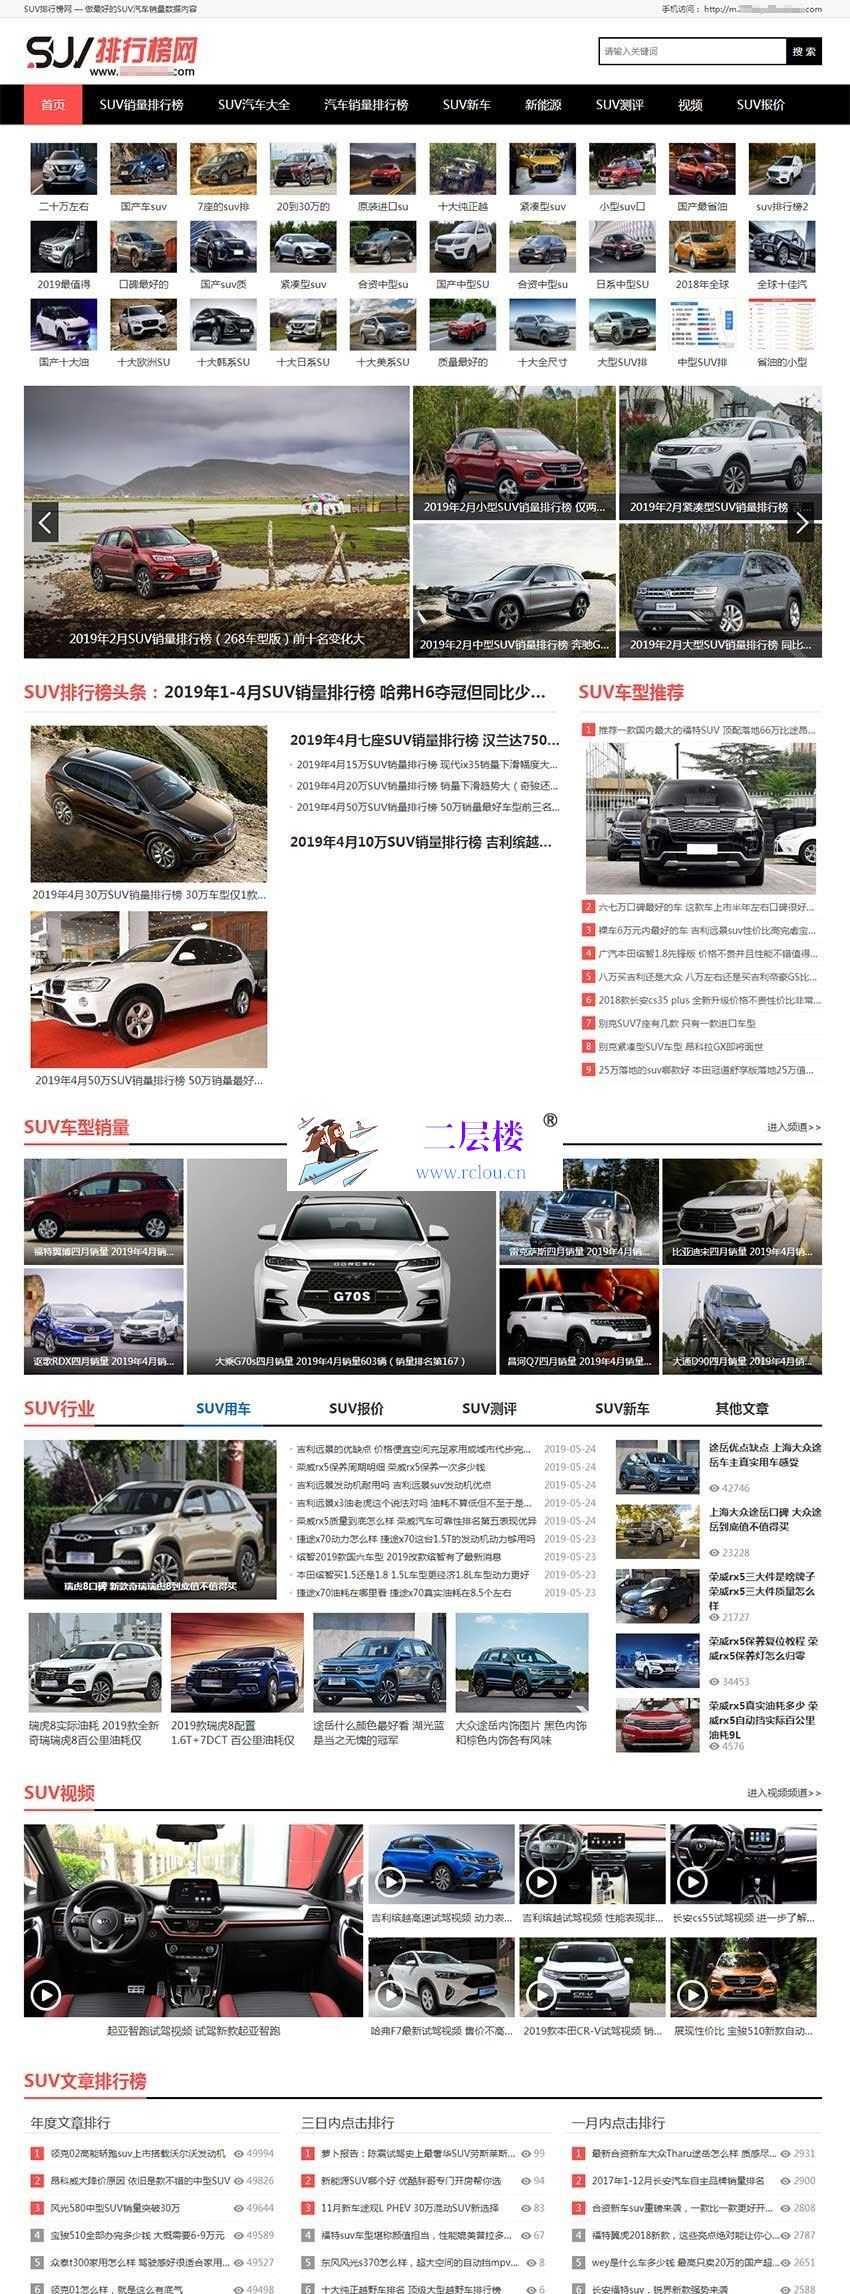 帝国CMS仿《SUV排行榜网》汽车销量排行网汽车销量资讯网站模板源码_二层楼源码